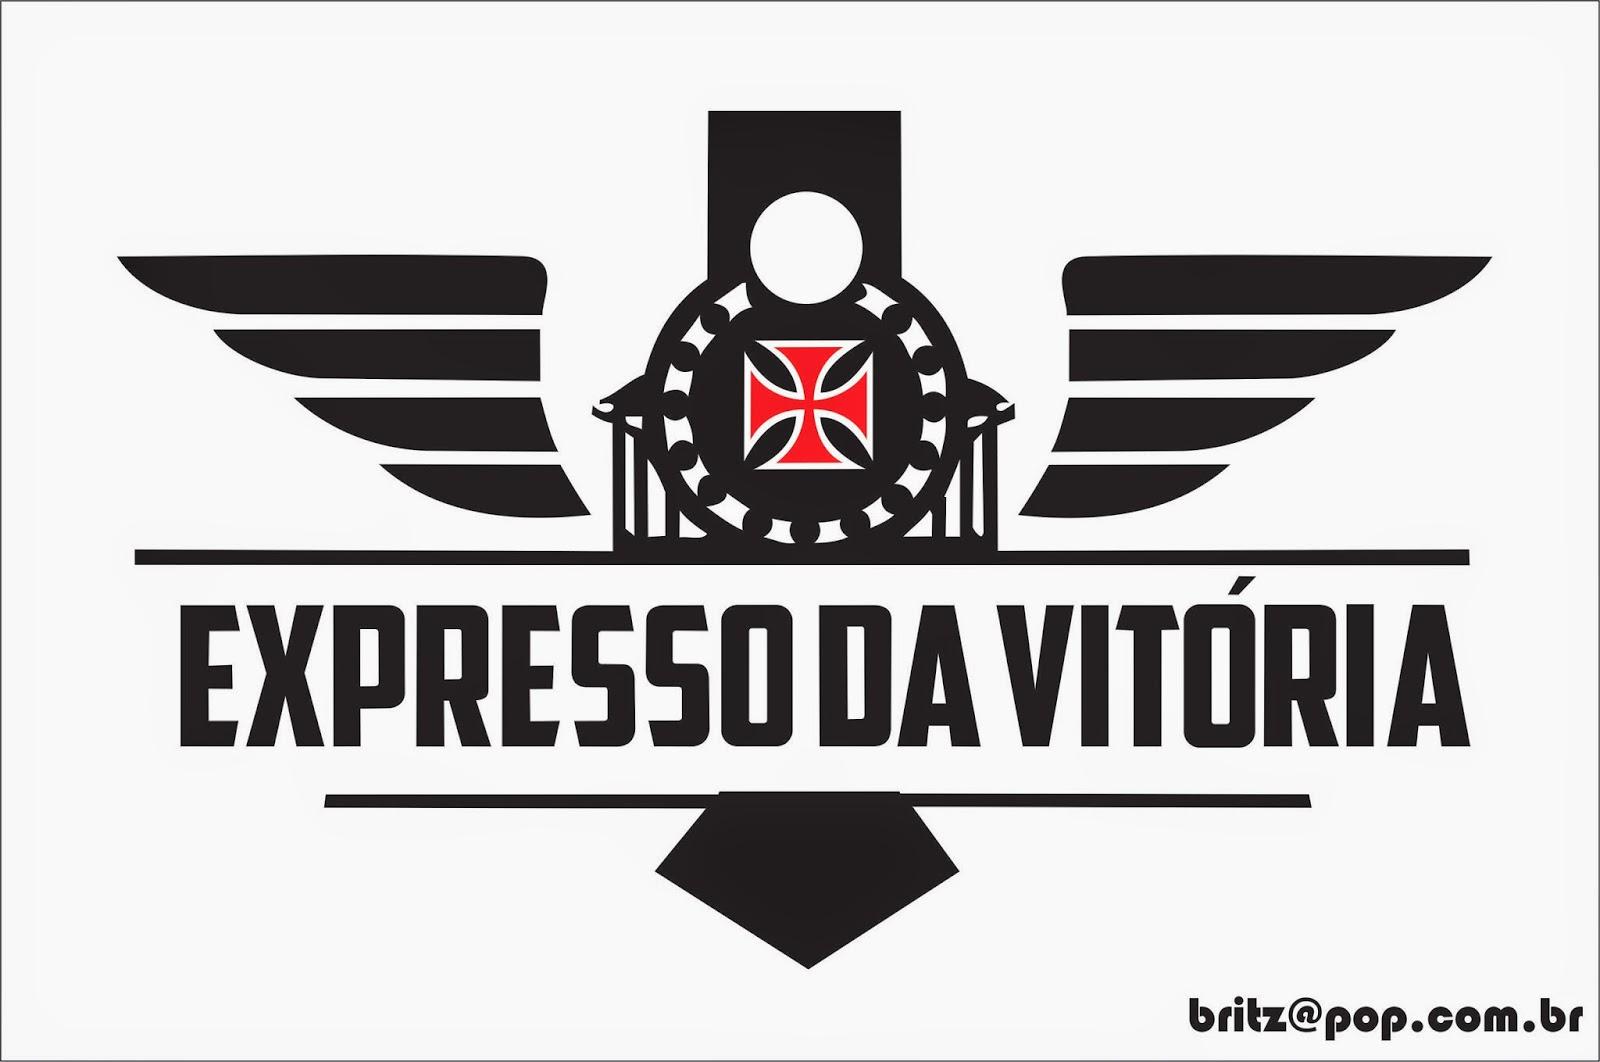 Expresso da Vitória